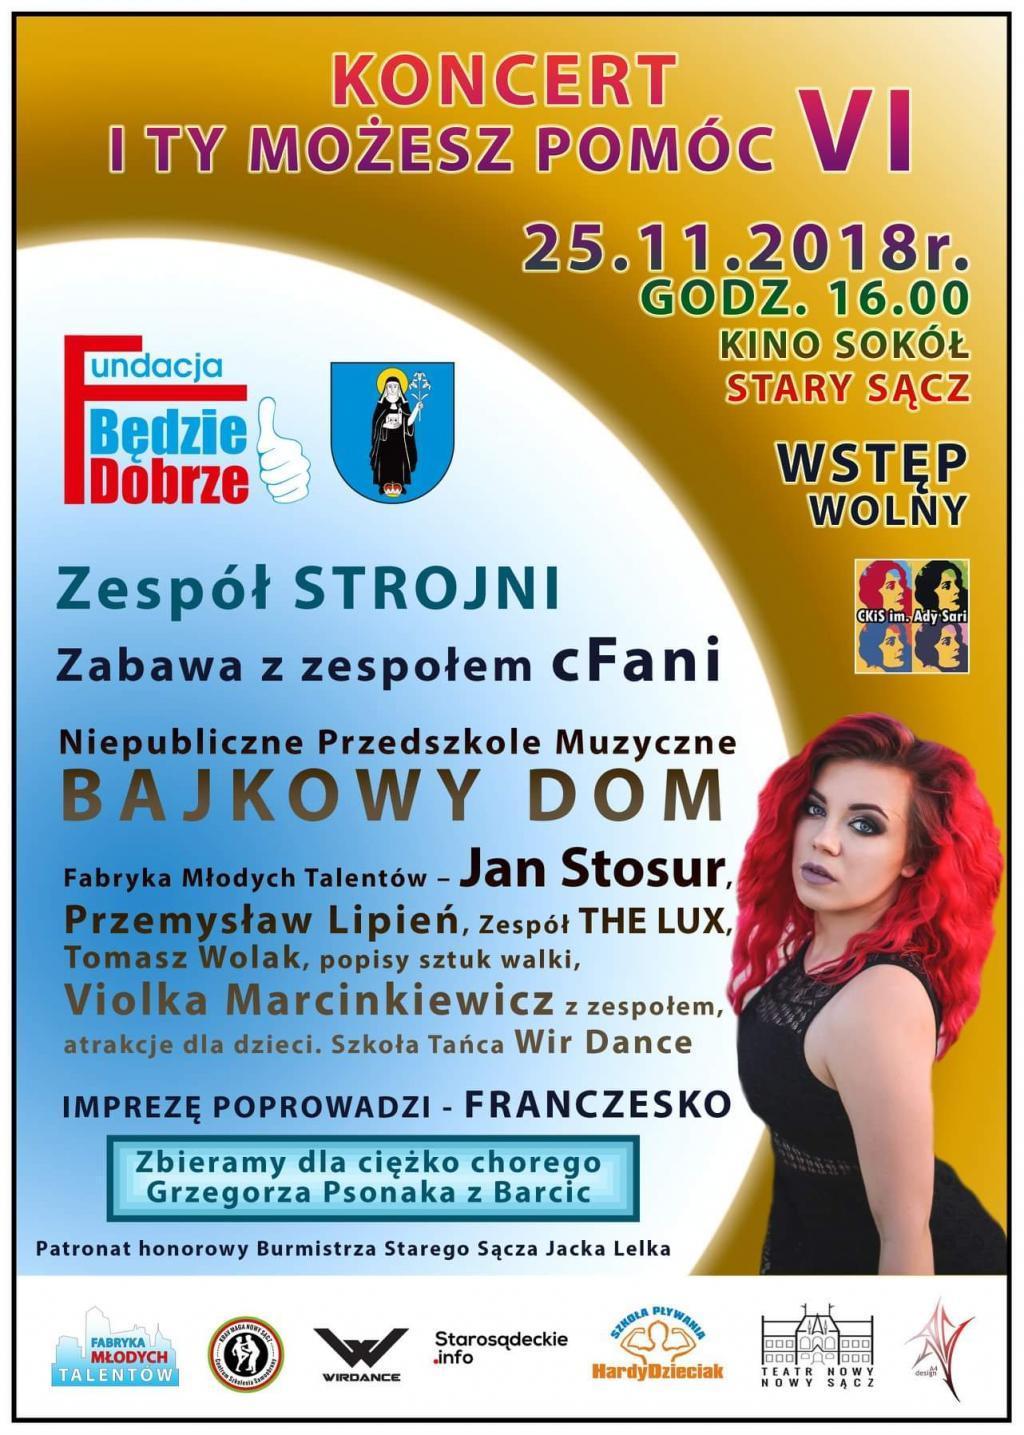 VI Koncert I Ty Możesz Pomóc - Fundacja Będzie Dobrze dla Grzegorza Psonaka